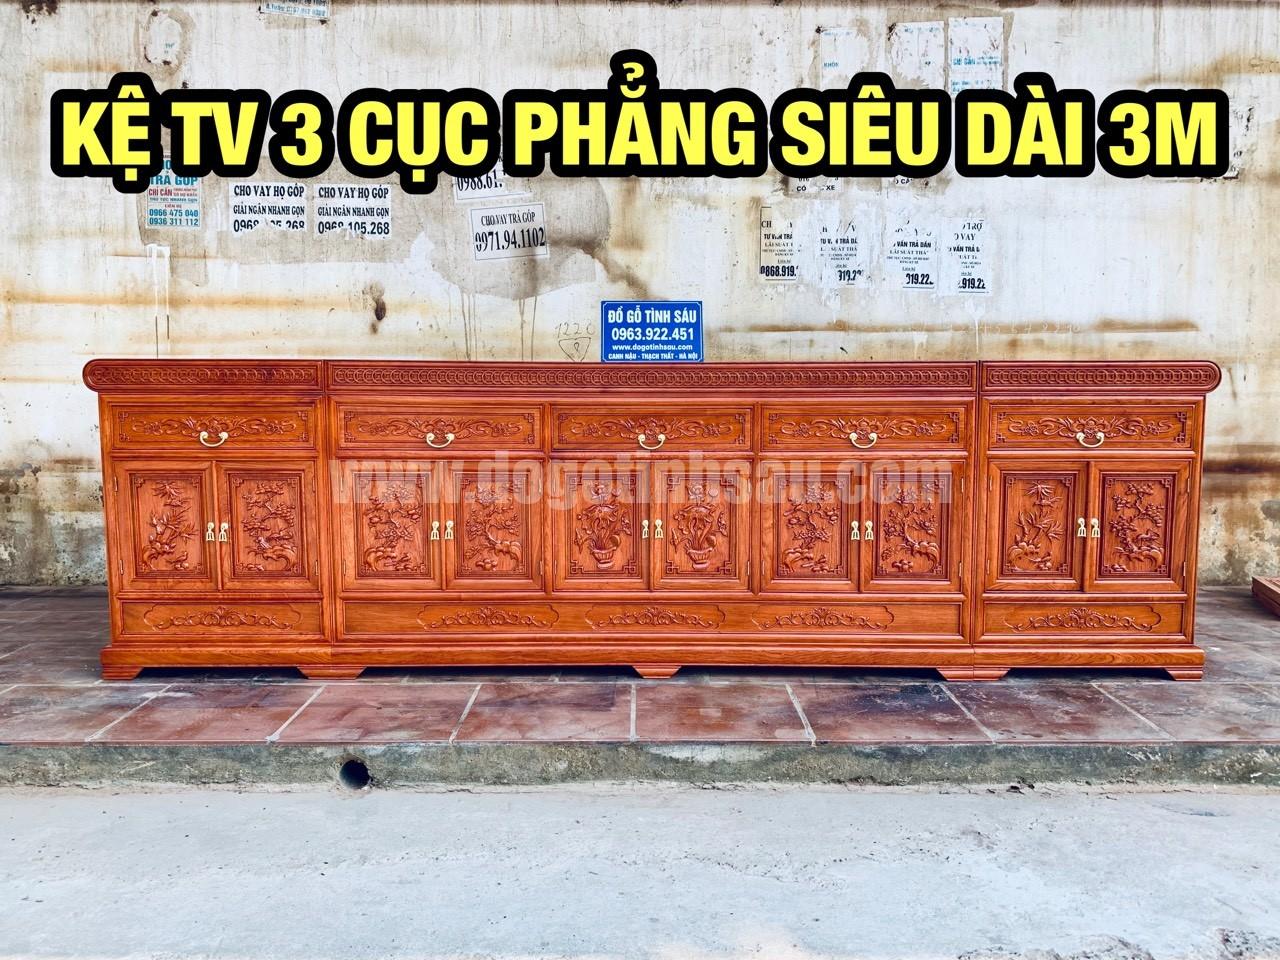 ke tivi 3 cuc go huong mat phang - Kệ tivi 3 cục mặt phẳng gỗ hương đá dài 3m